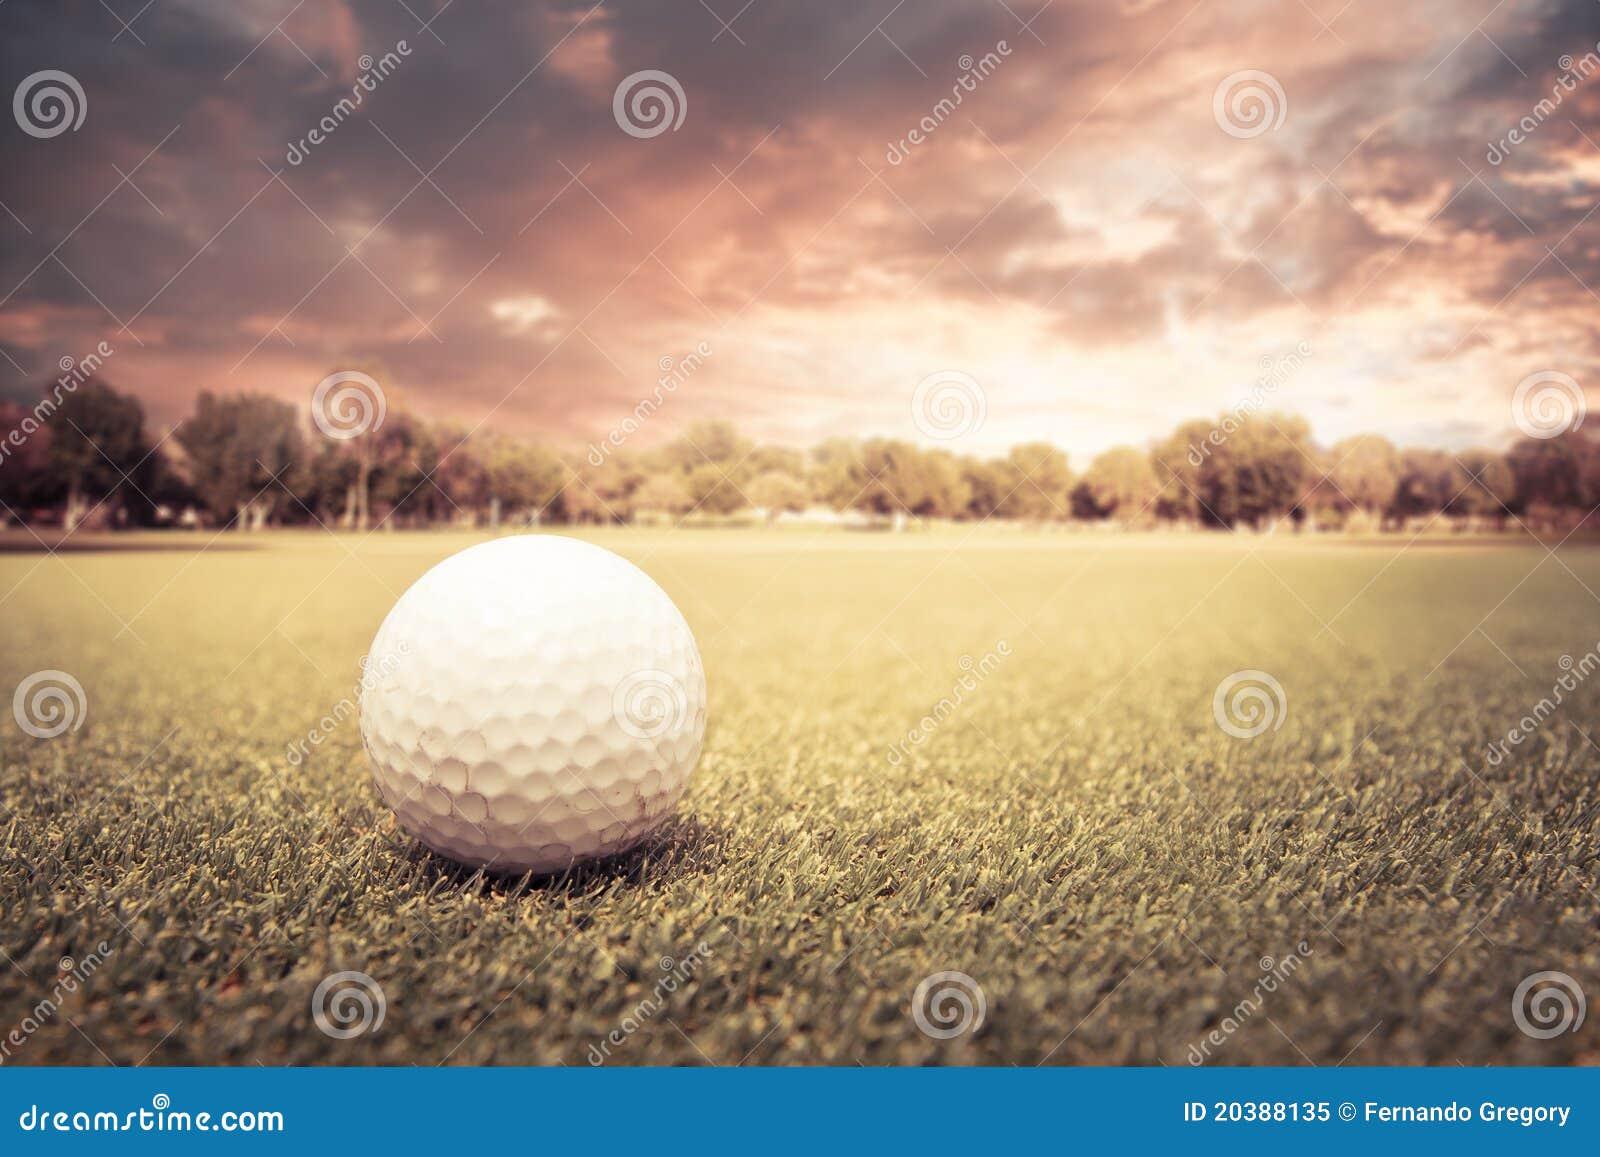 Golf ball on a green field